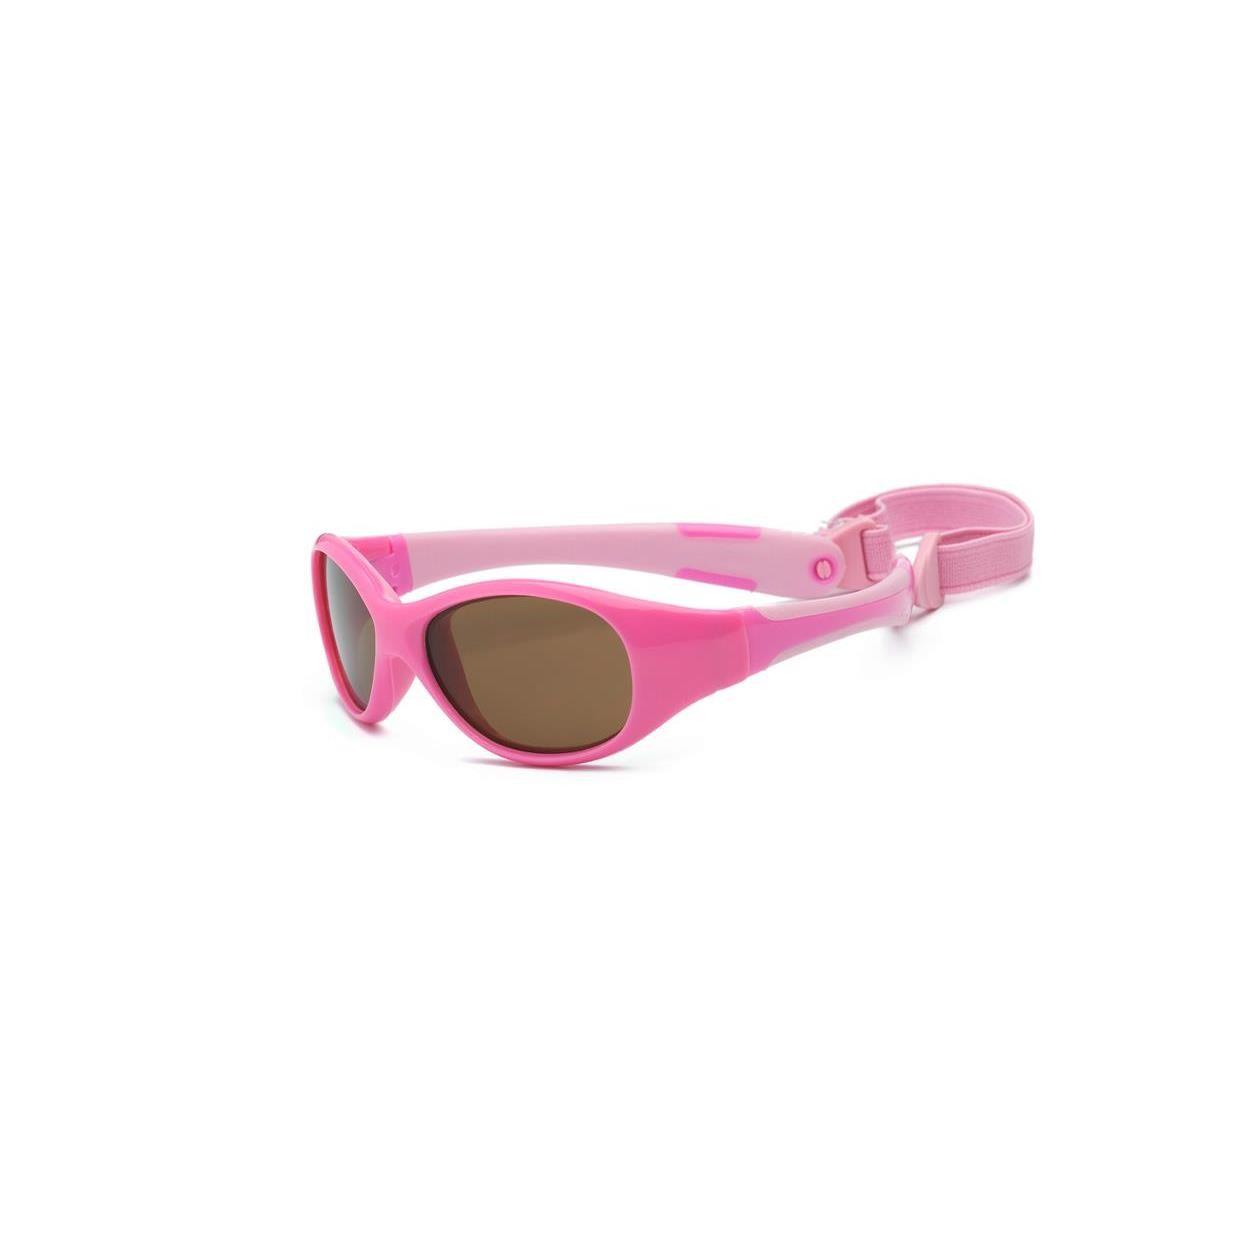 Okulary przeciwsłoneczne, Explorer Polarized Aqua and Pink 0+